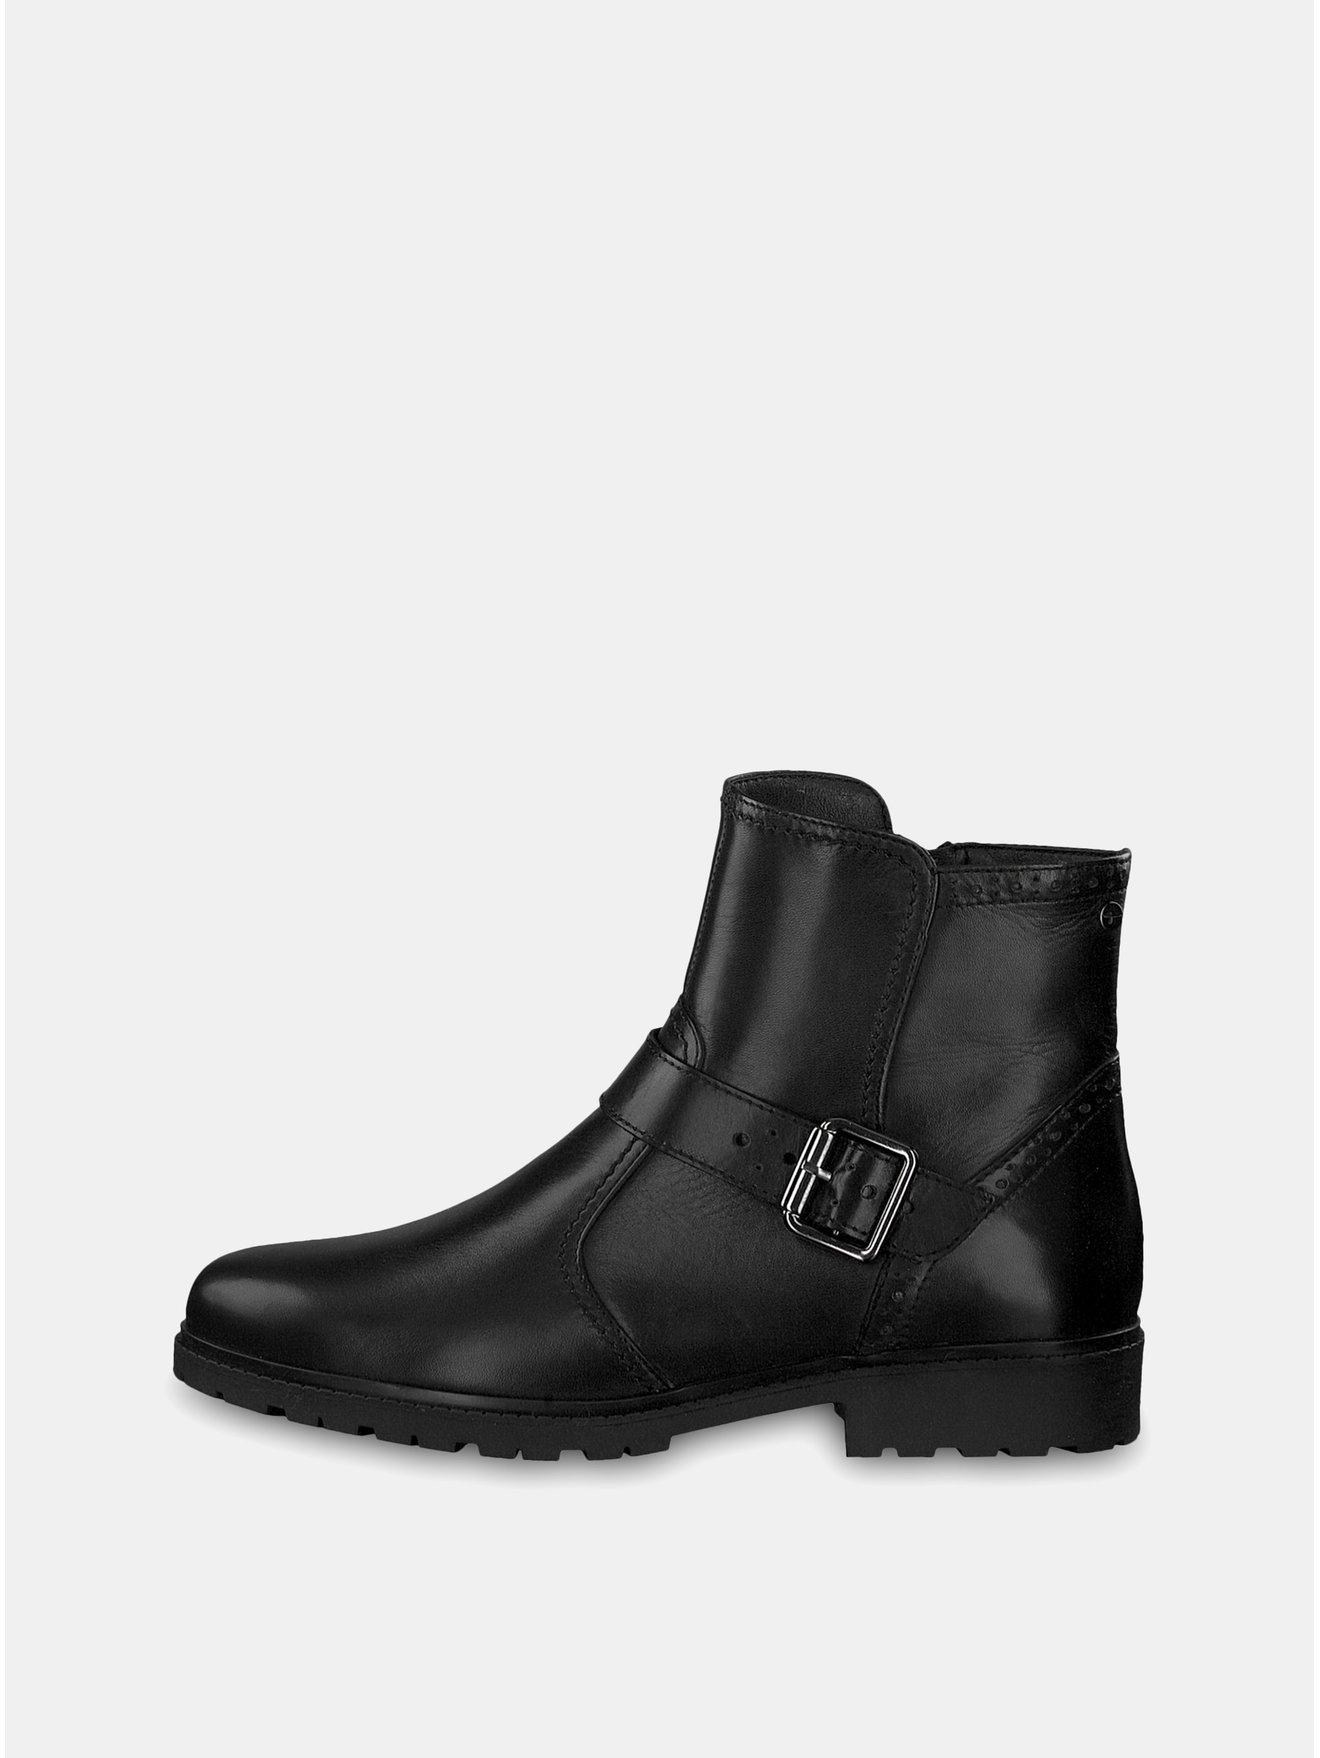 e466981fb26 Černé kožené kotníkové boty s vlněnou podšívkou Tamaris